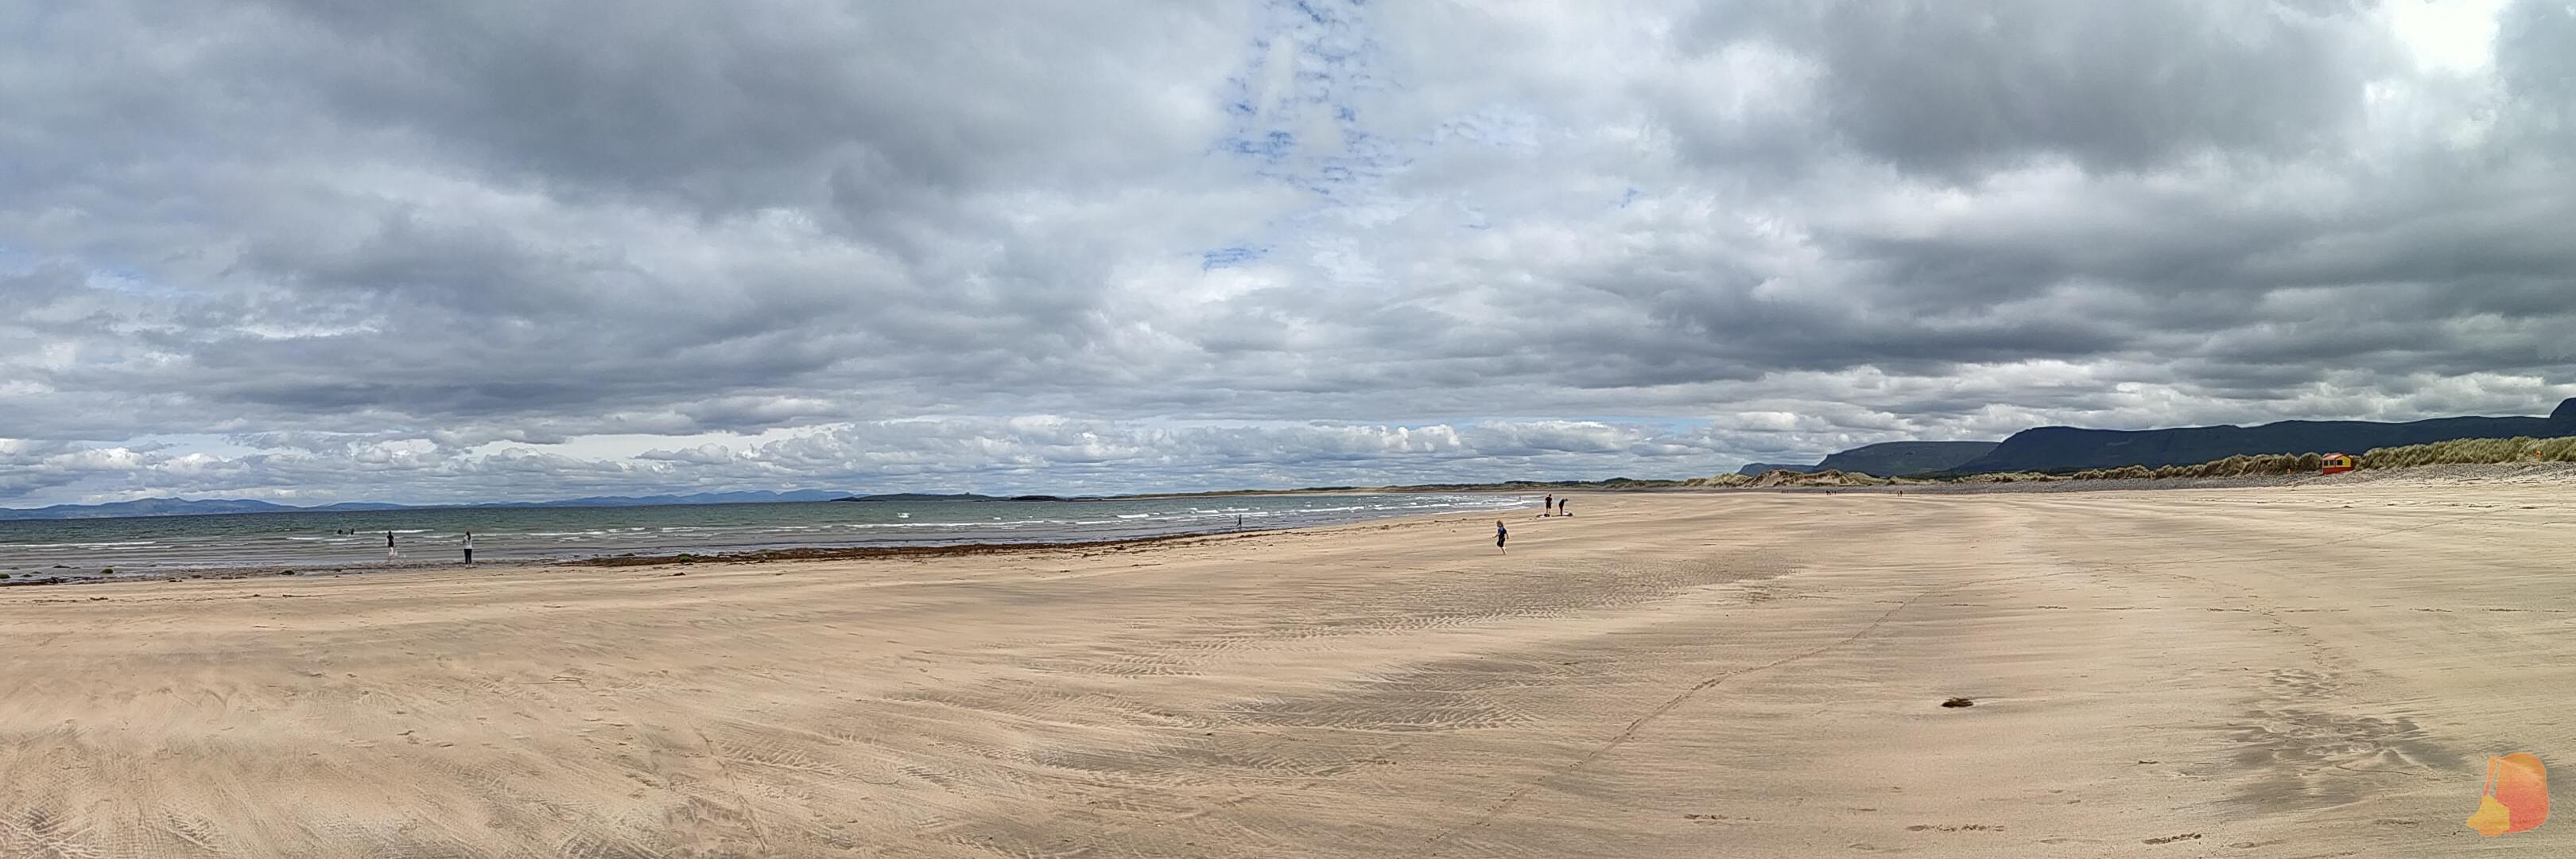 Panoramica de la Playa de Streedagh